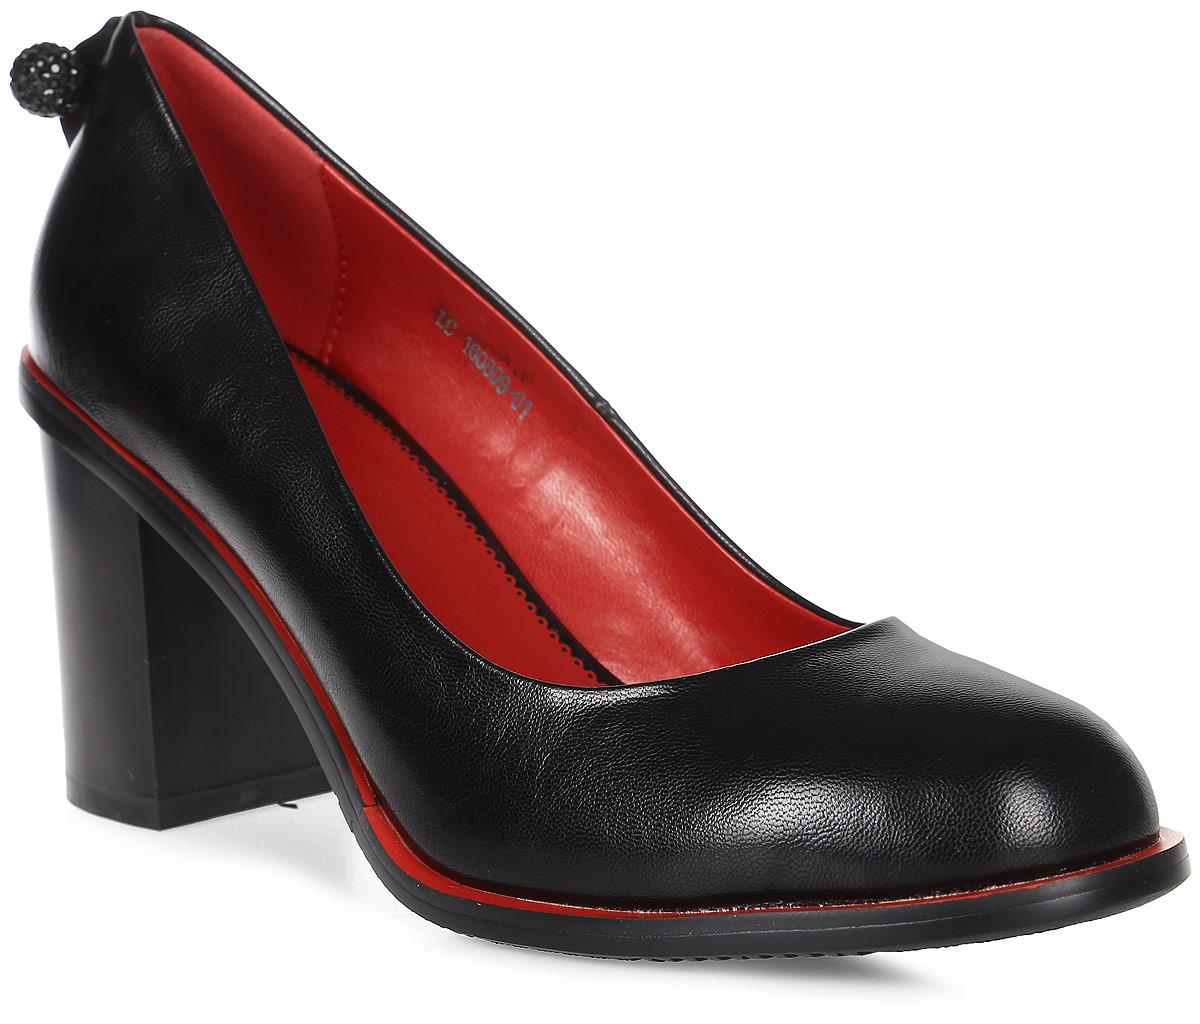 Туфли женские LK collection, цвет: черный. LC-160809-01 PU. Размер 36LC-160809-01 PUСтильные туфли на широком устойчивом каблуке выполнены из искусственной кожи. Стелька выполнена из натуральной кожи.